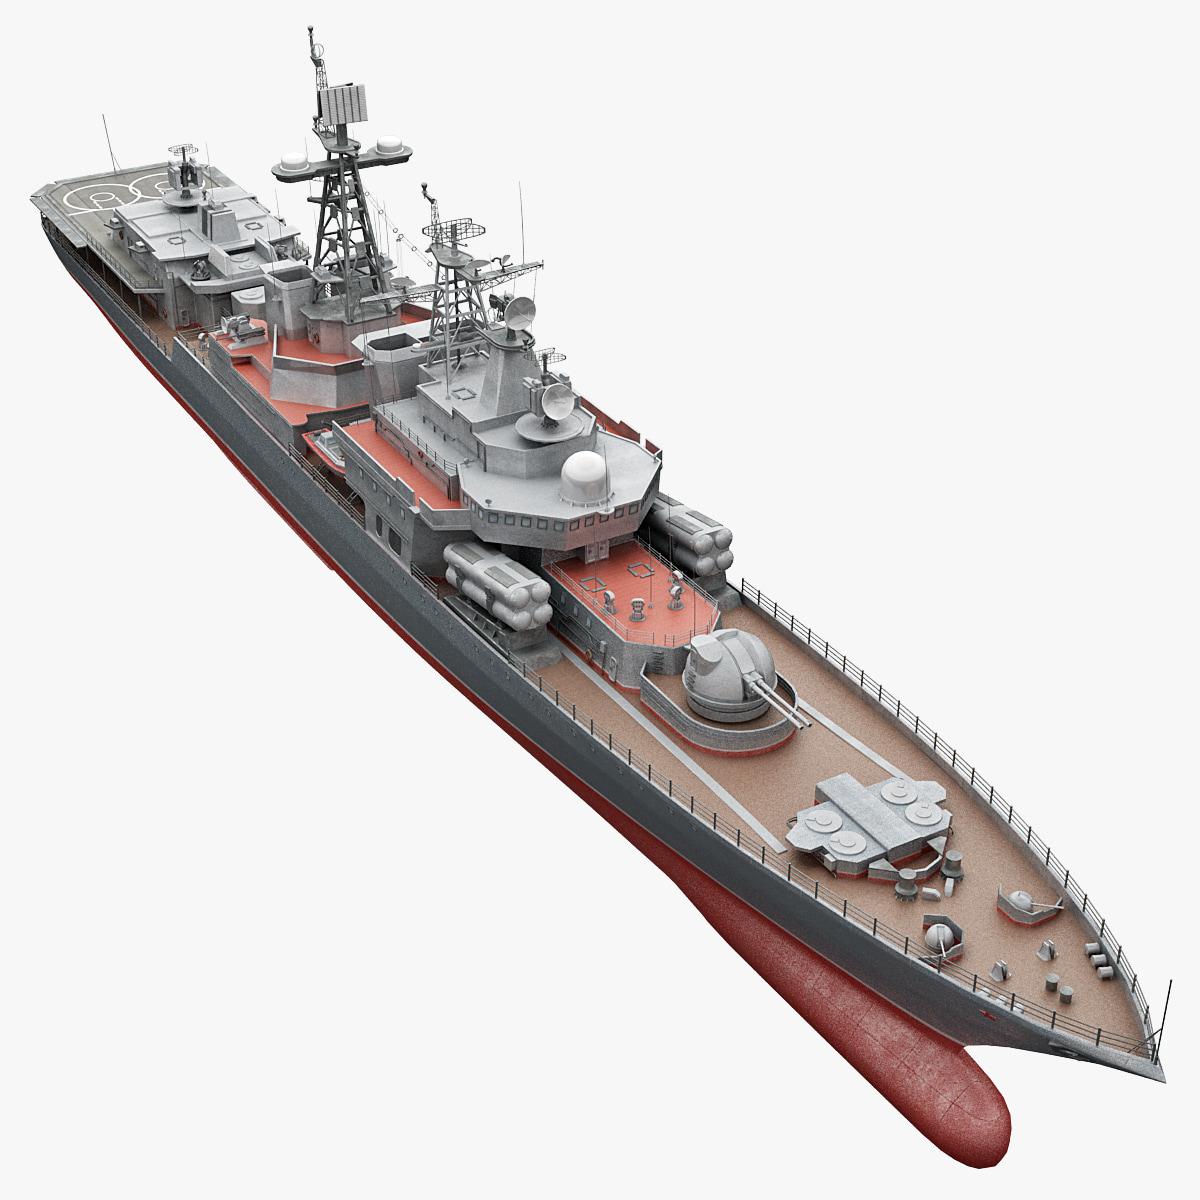 BPK_Russian_Large_Antisubmarine_Ship_Admiral_Chabanenko_0000_2.jpg